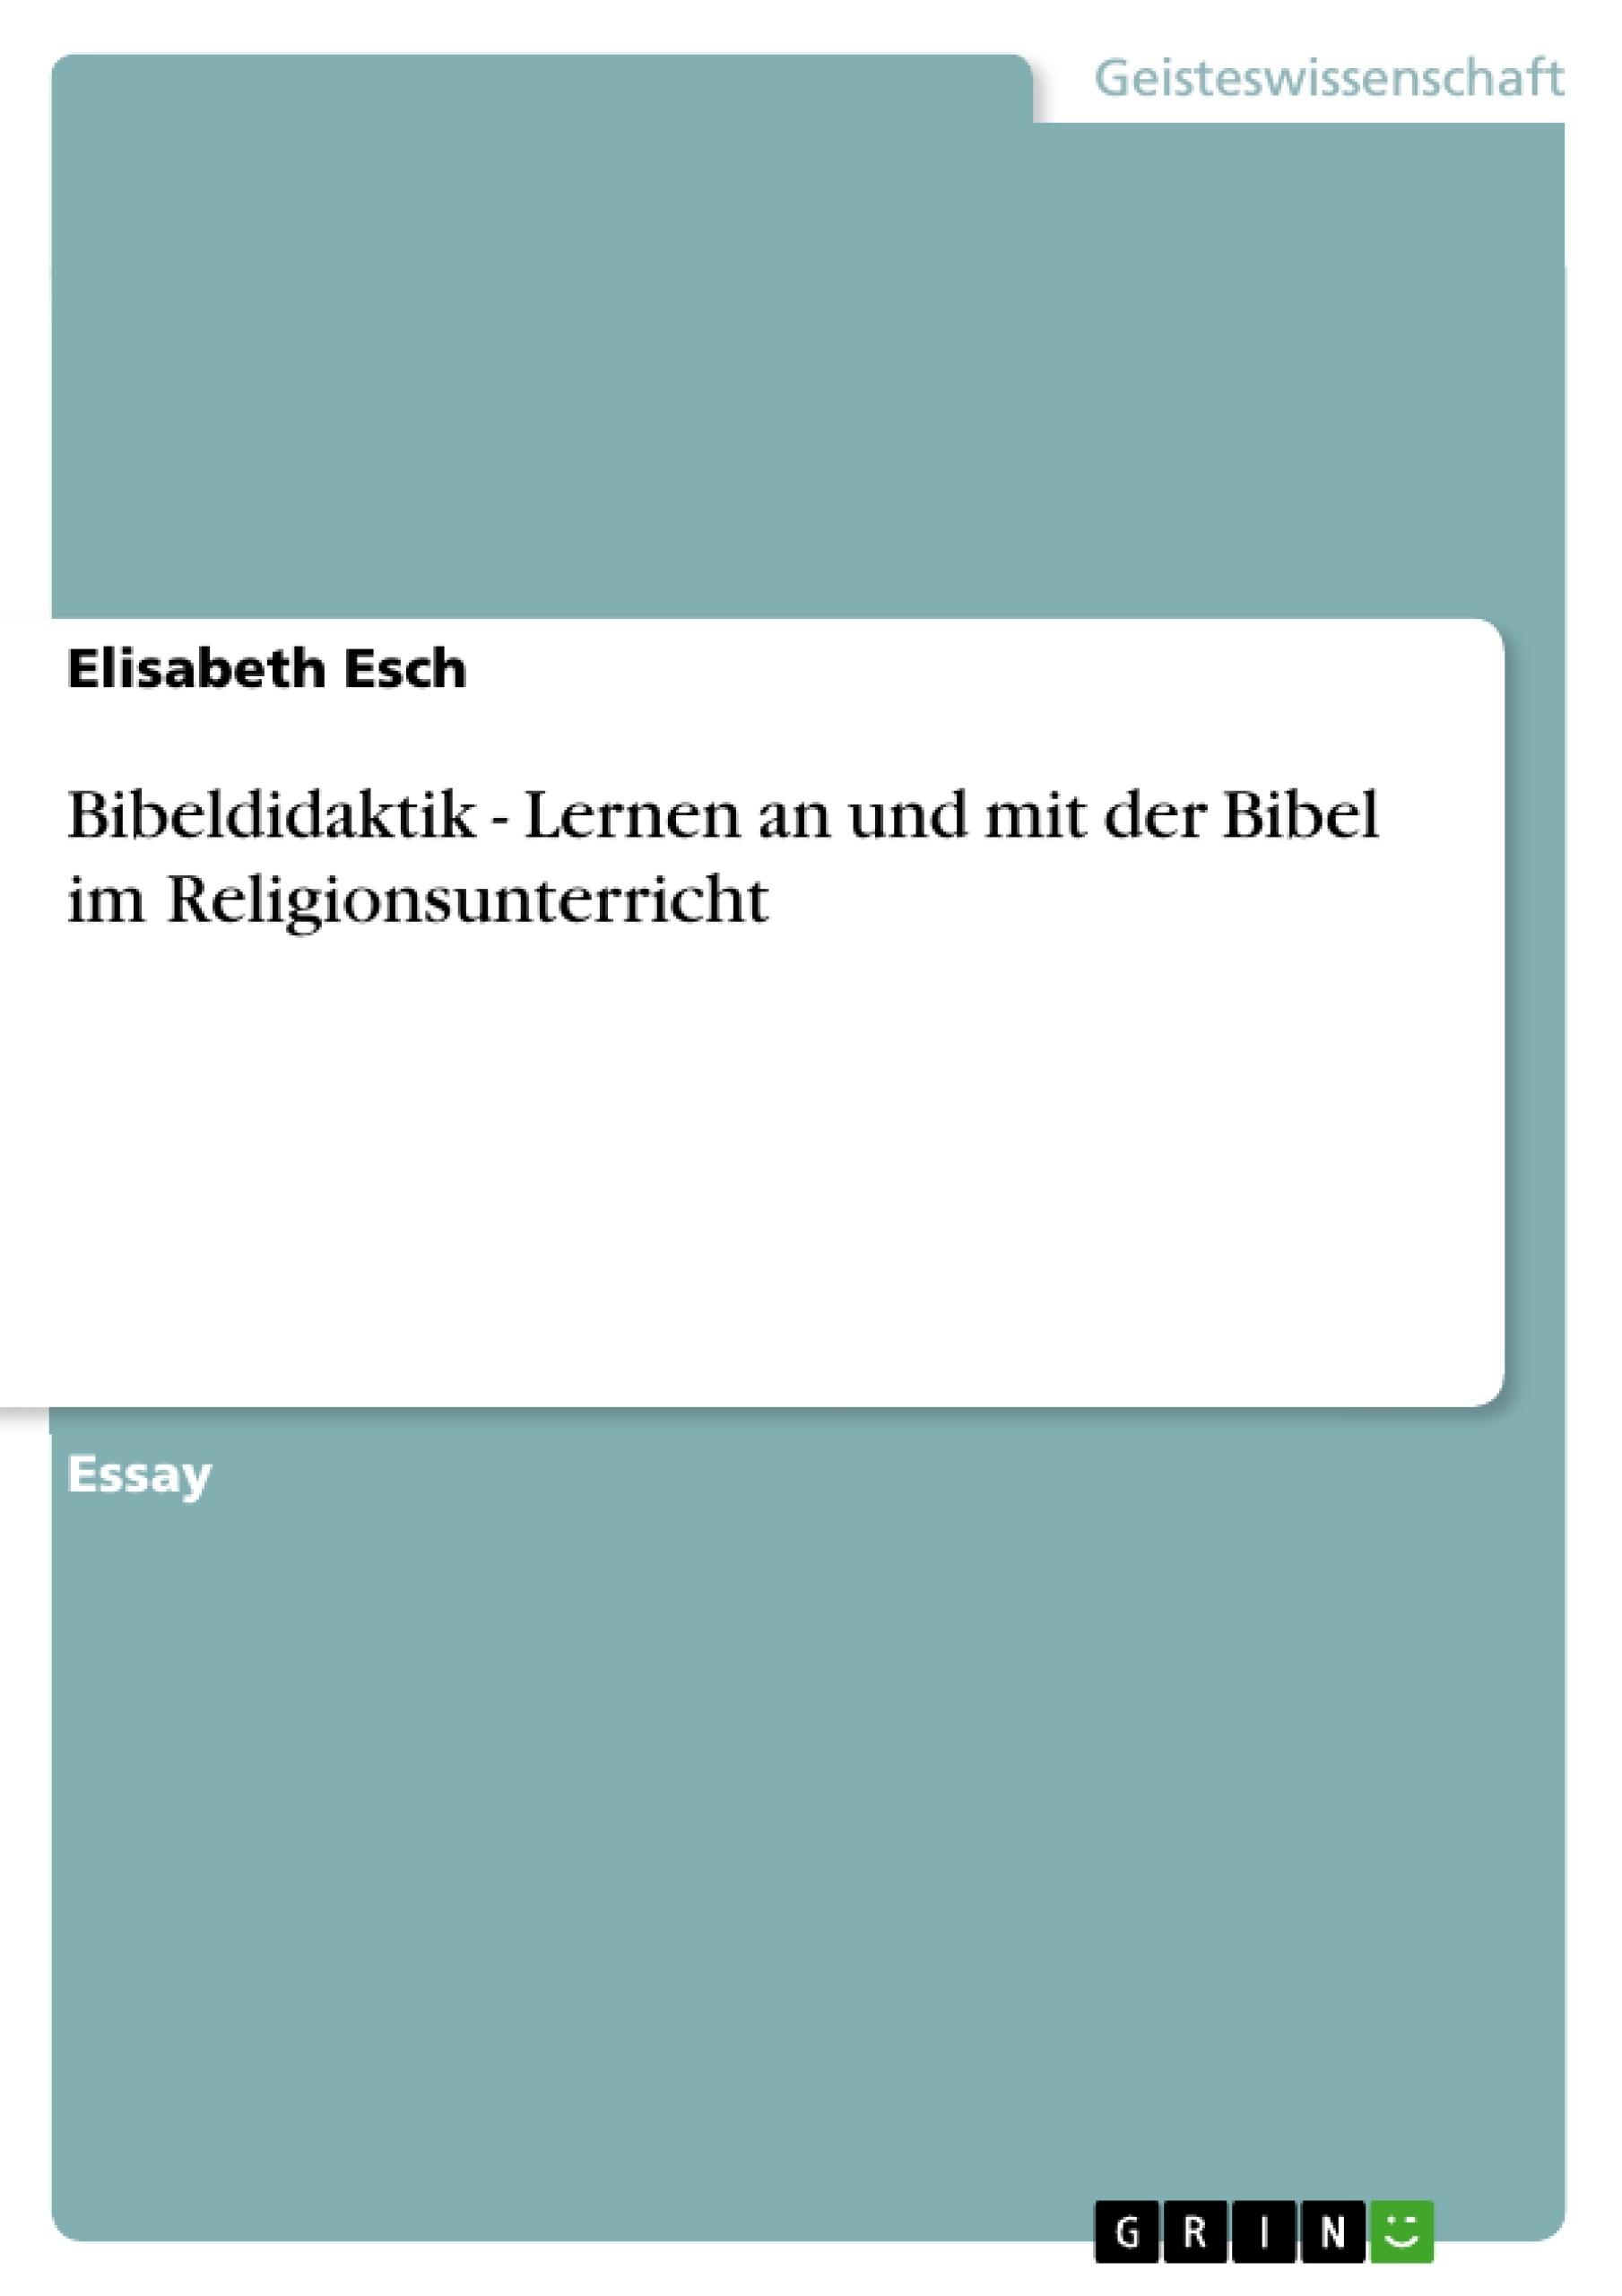 Titel: Bibeldidaktik - Lernen an und mit der Bibel im Religionsunterricht